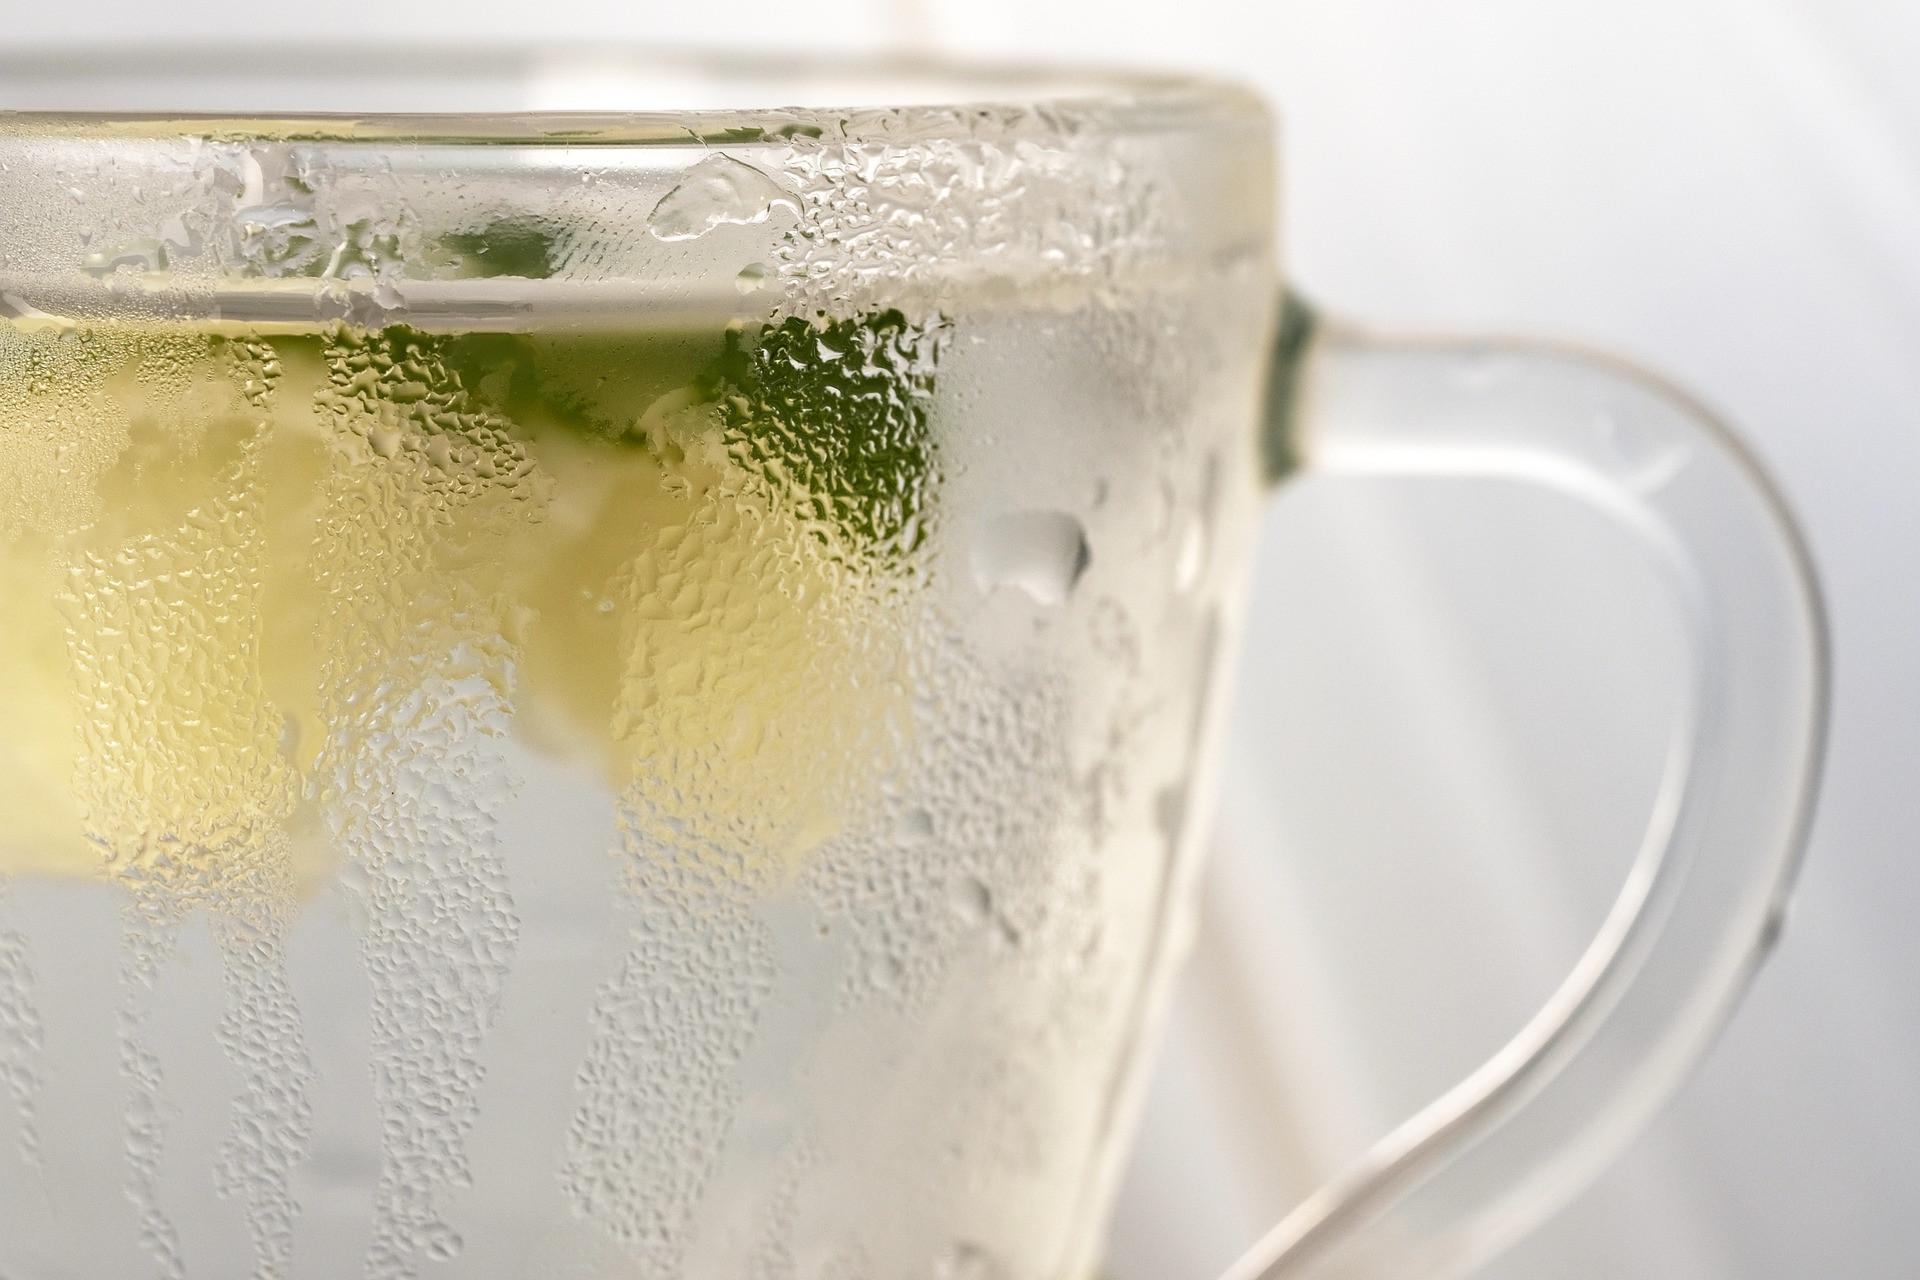 Minum 3 Campuran Rempah Ini, Dijamin Tubuh Anda Akan Terasa Jauh Lebih Sehat - JPNN.com